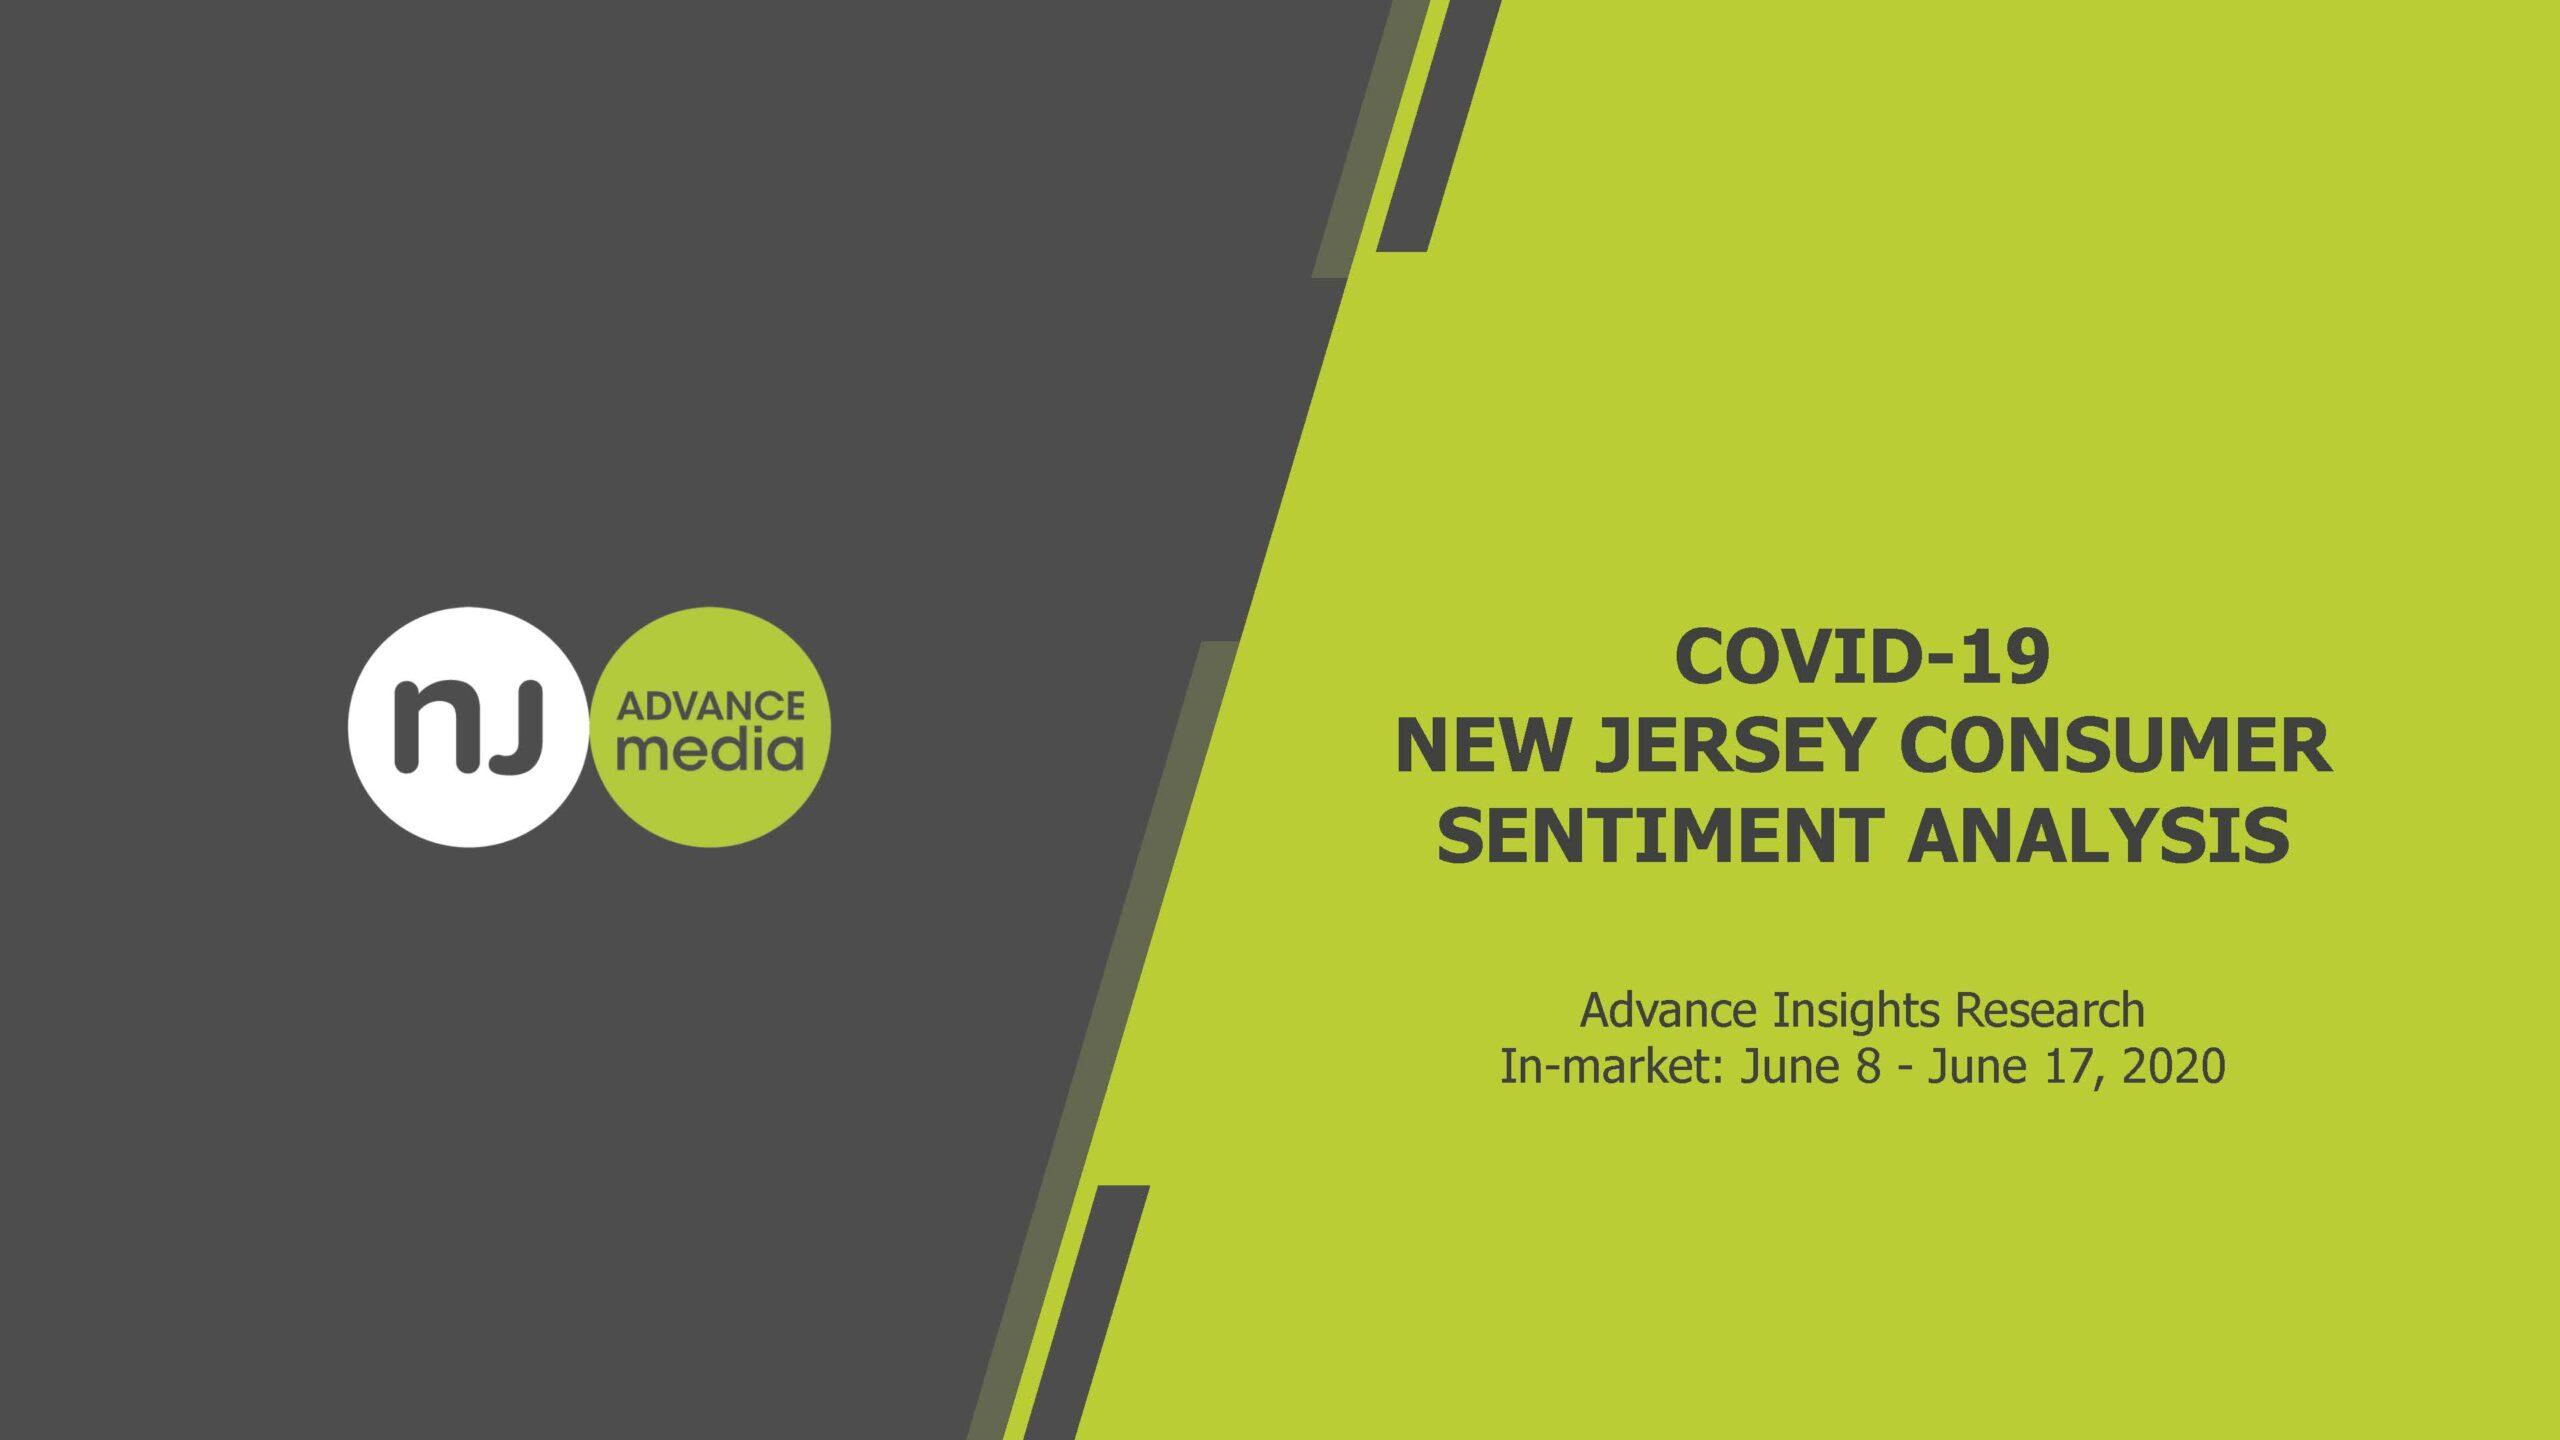 nj-covid-19-study-thumbnail